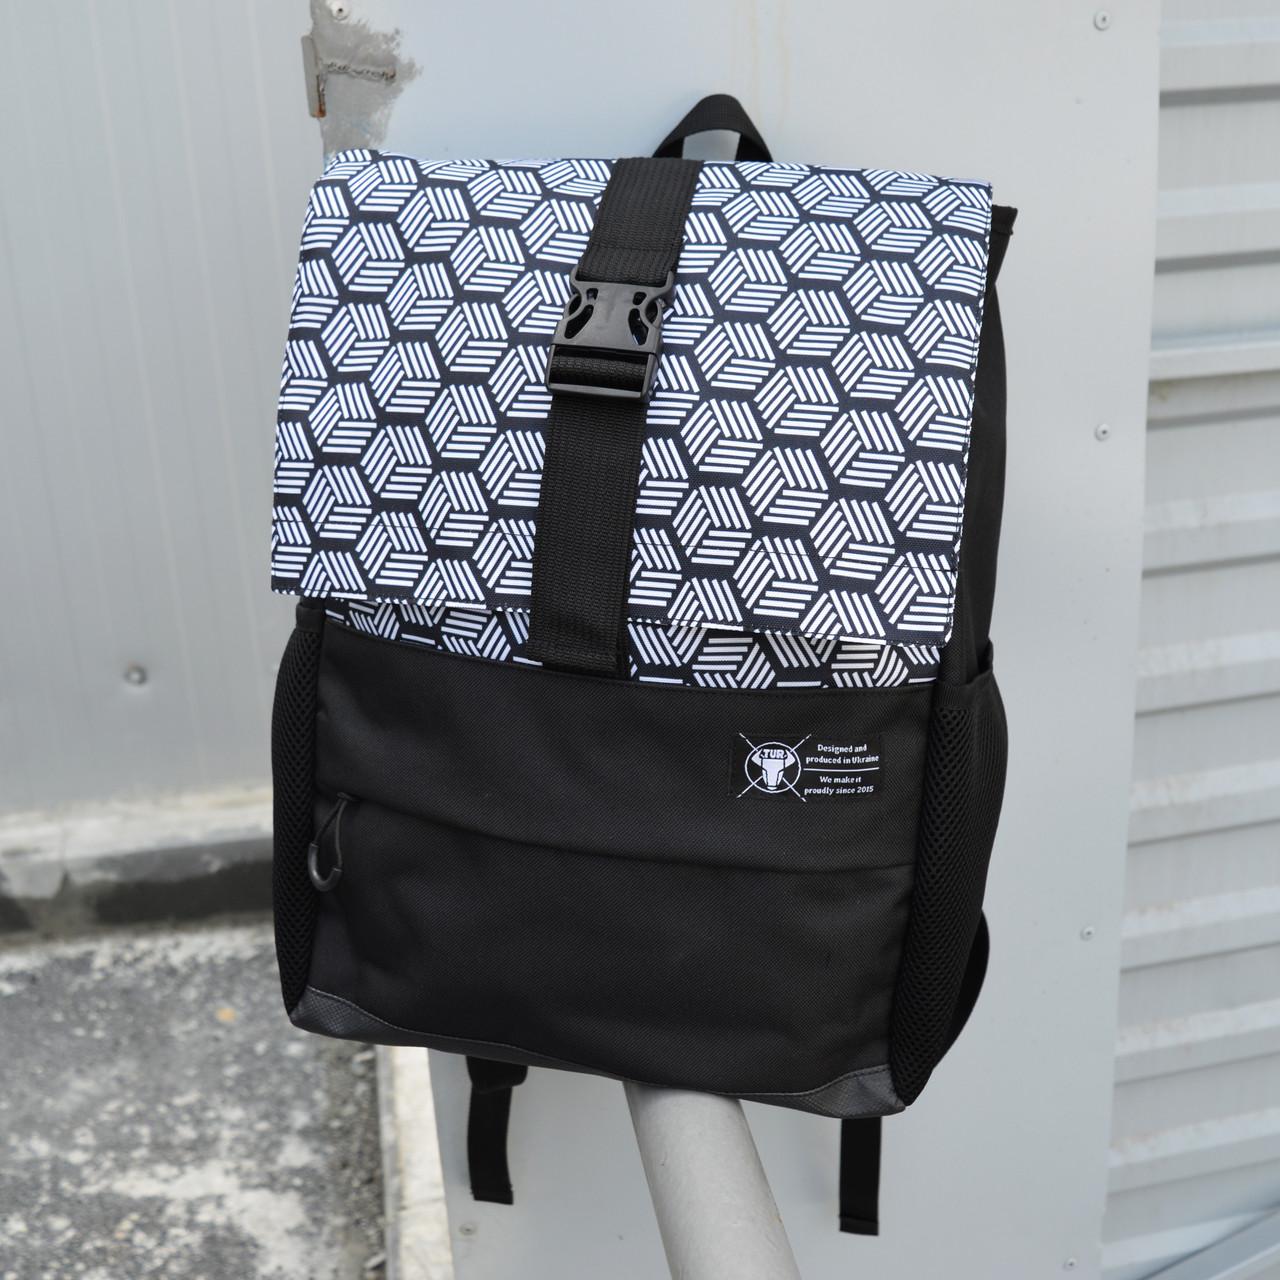 Рюкзак с принтом  бренд ТУР модель Piligrim TУRWEAR